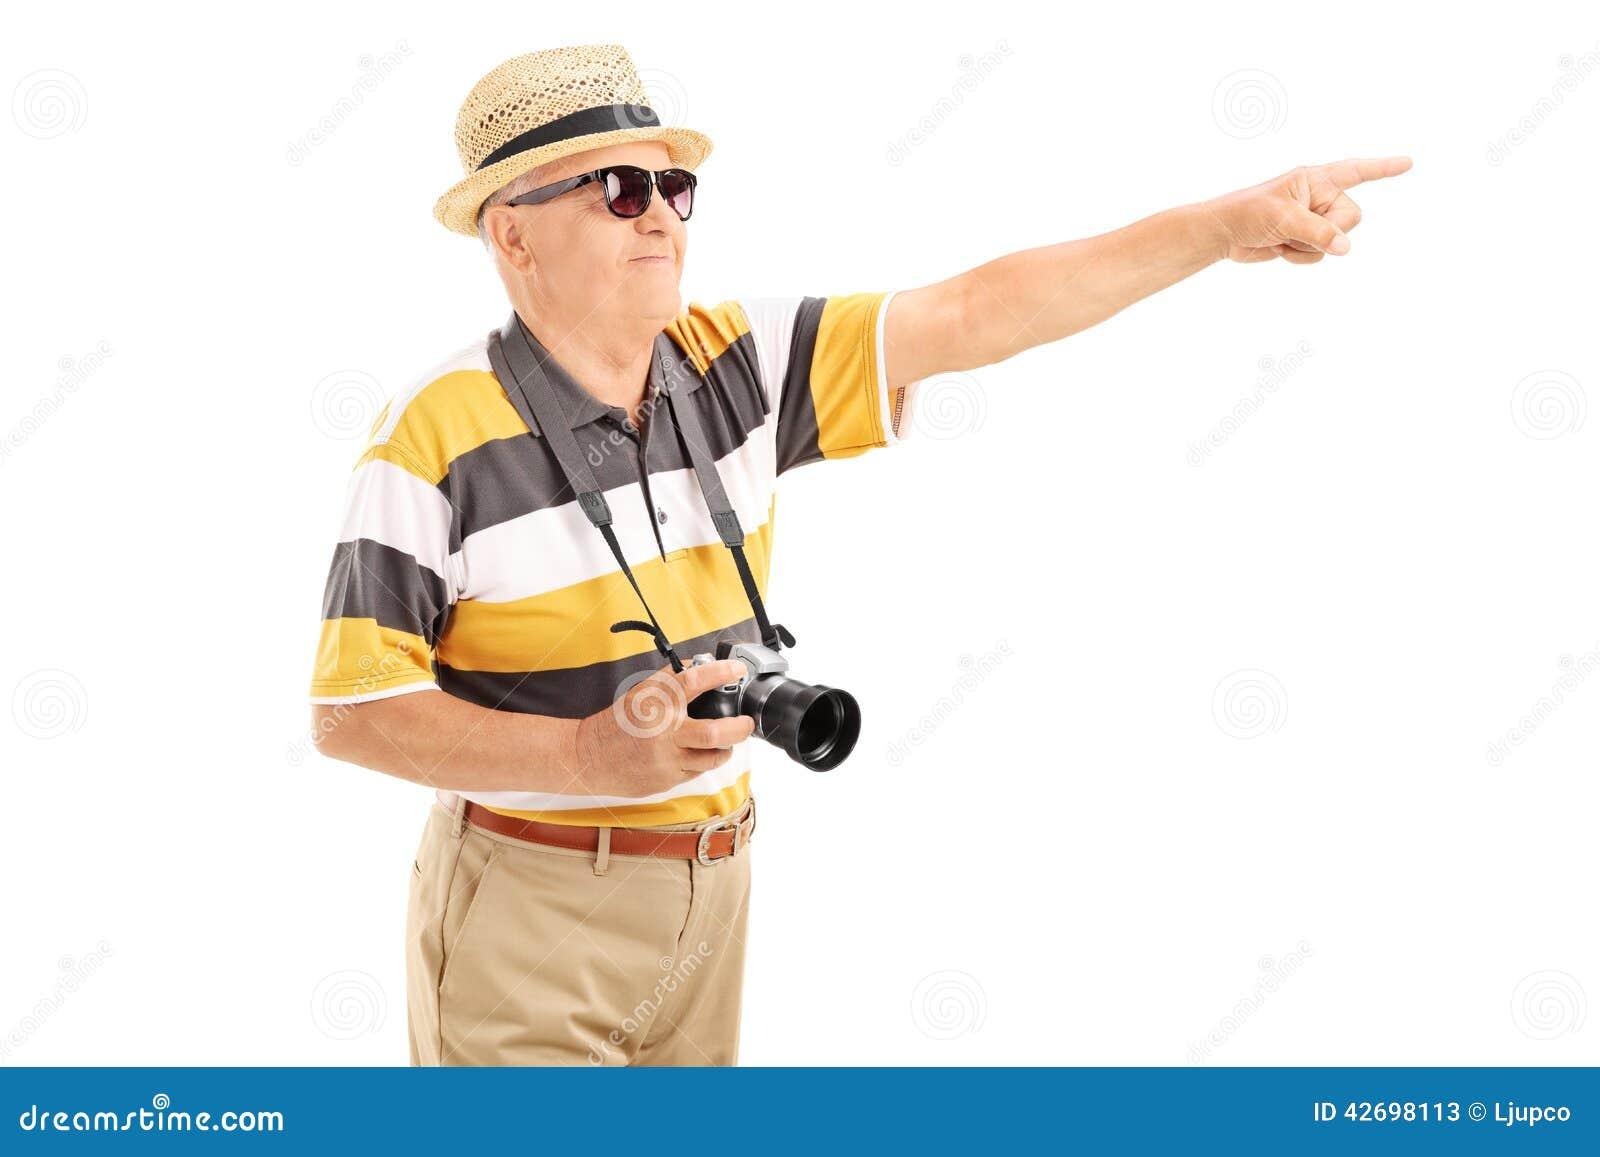 Ώριμος τουρίστας που δείχνει σε κάτι με το χέρι